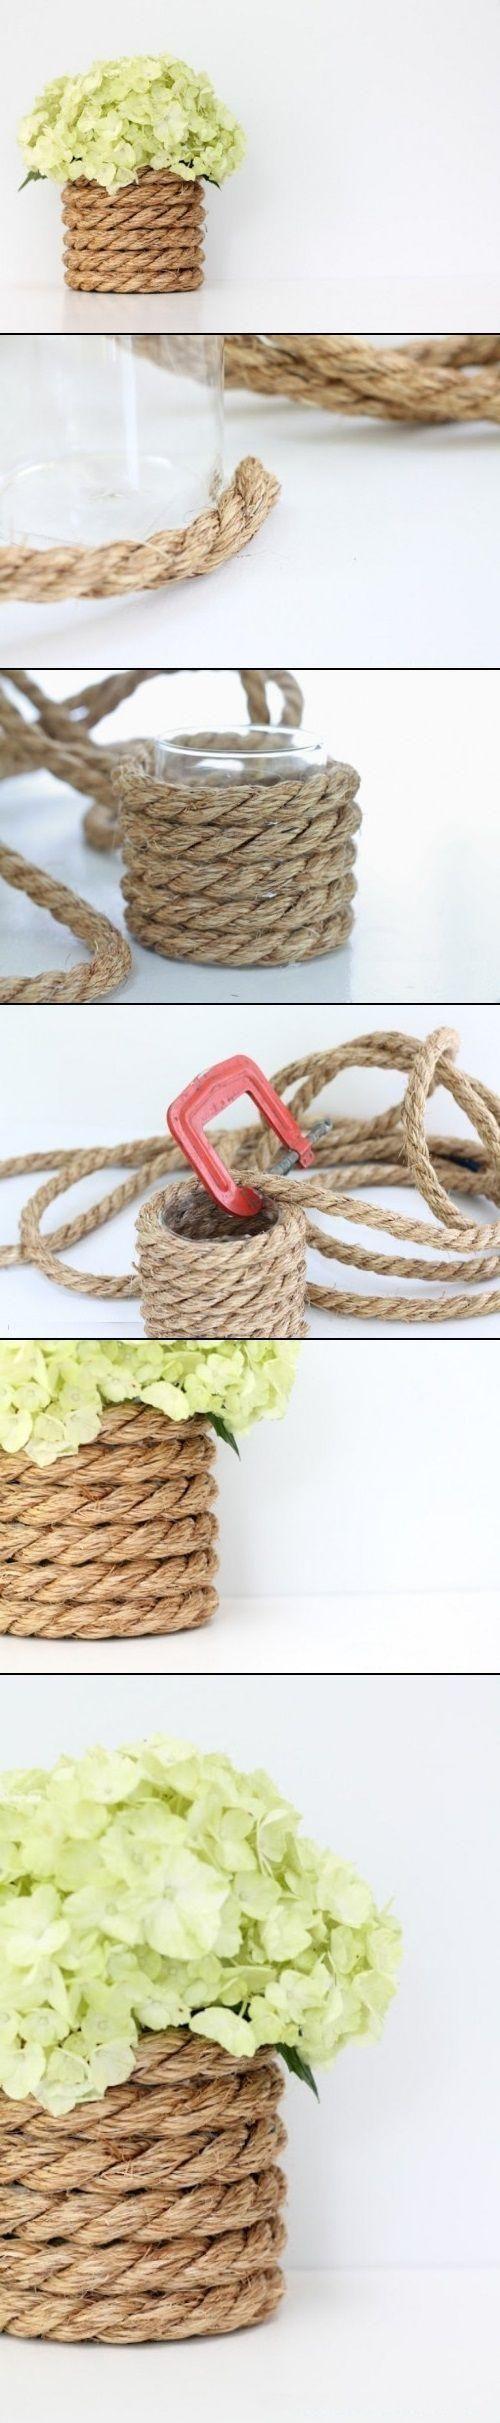 Kwietnik z liny - zrób to sam - instrukcja